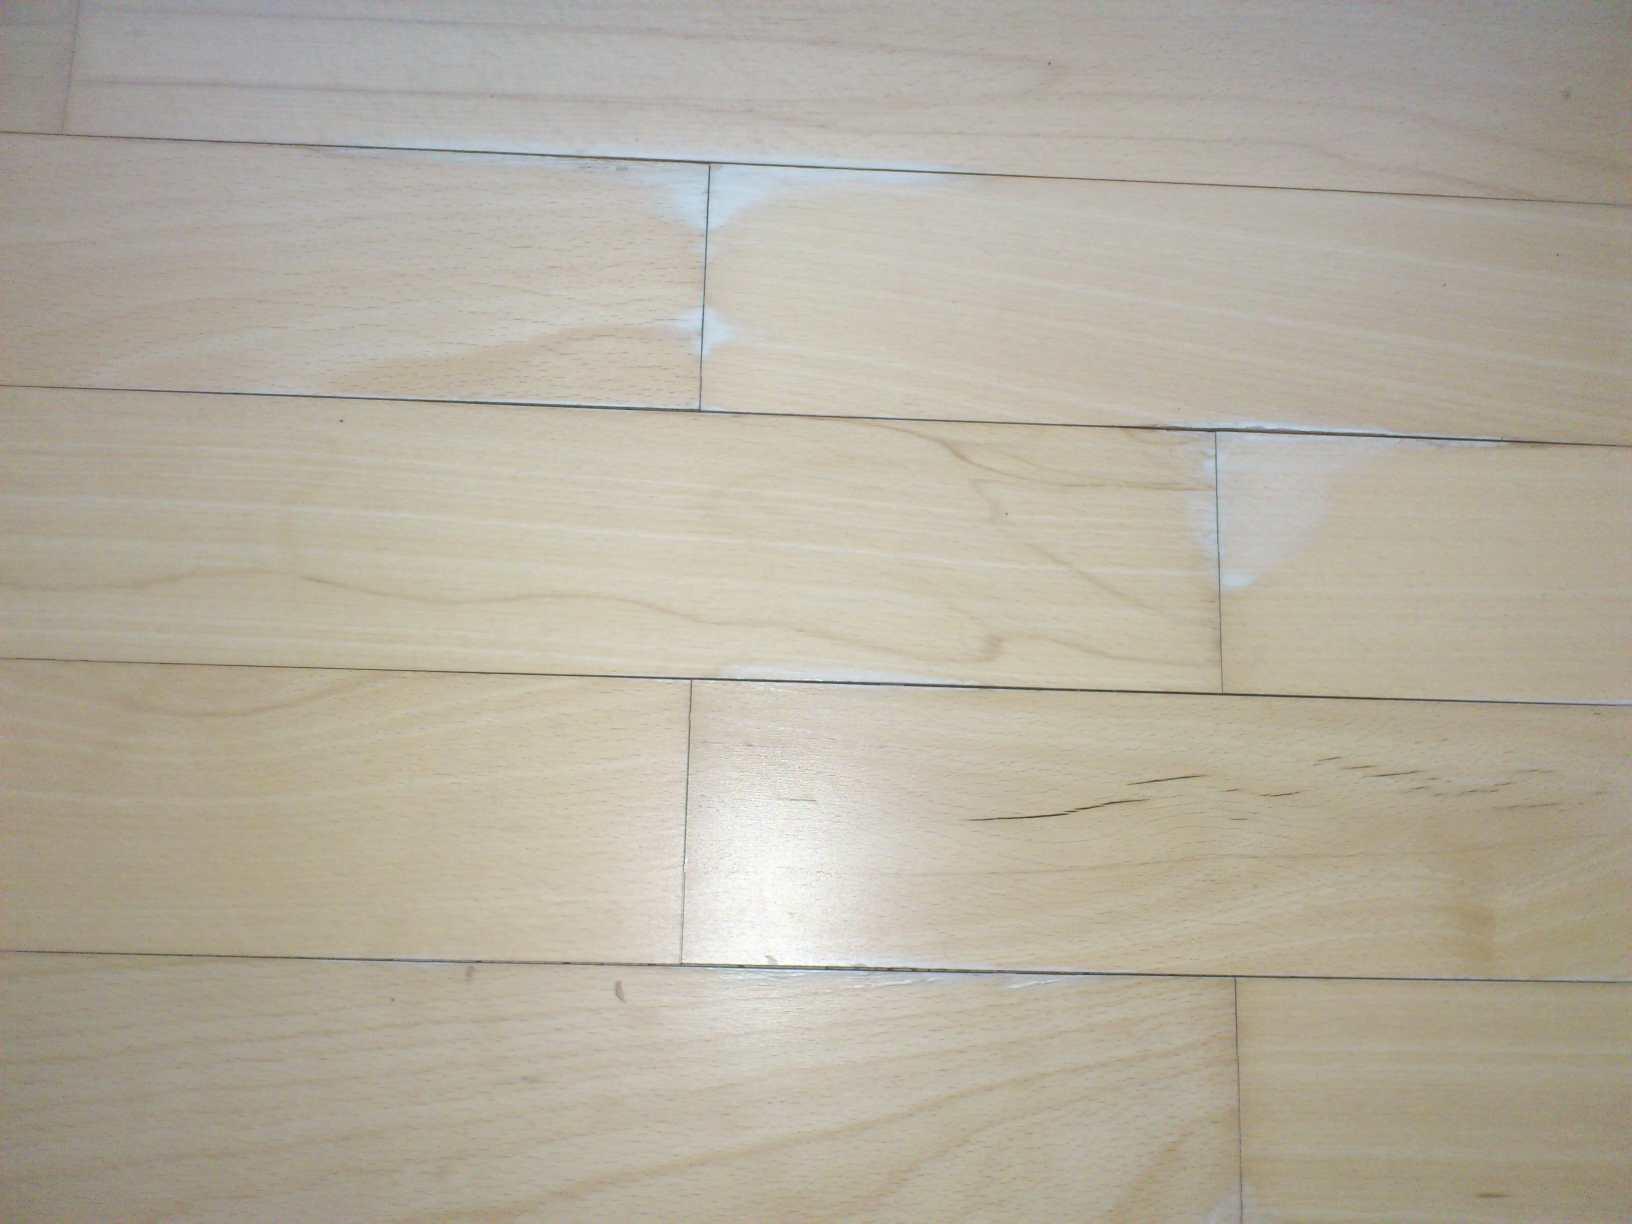 Holzfußboden Wasserflecken ~ Wasserflecken parkett geölt wasserflecken im parkett entfernen